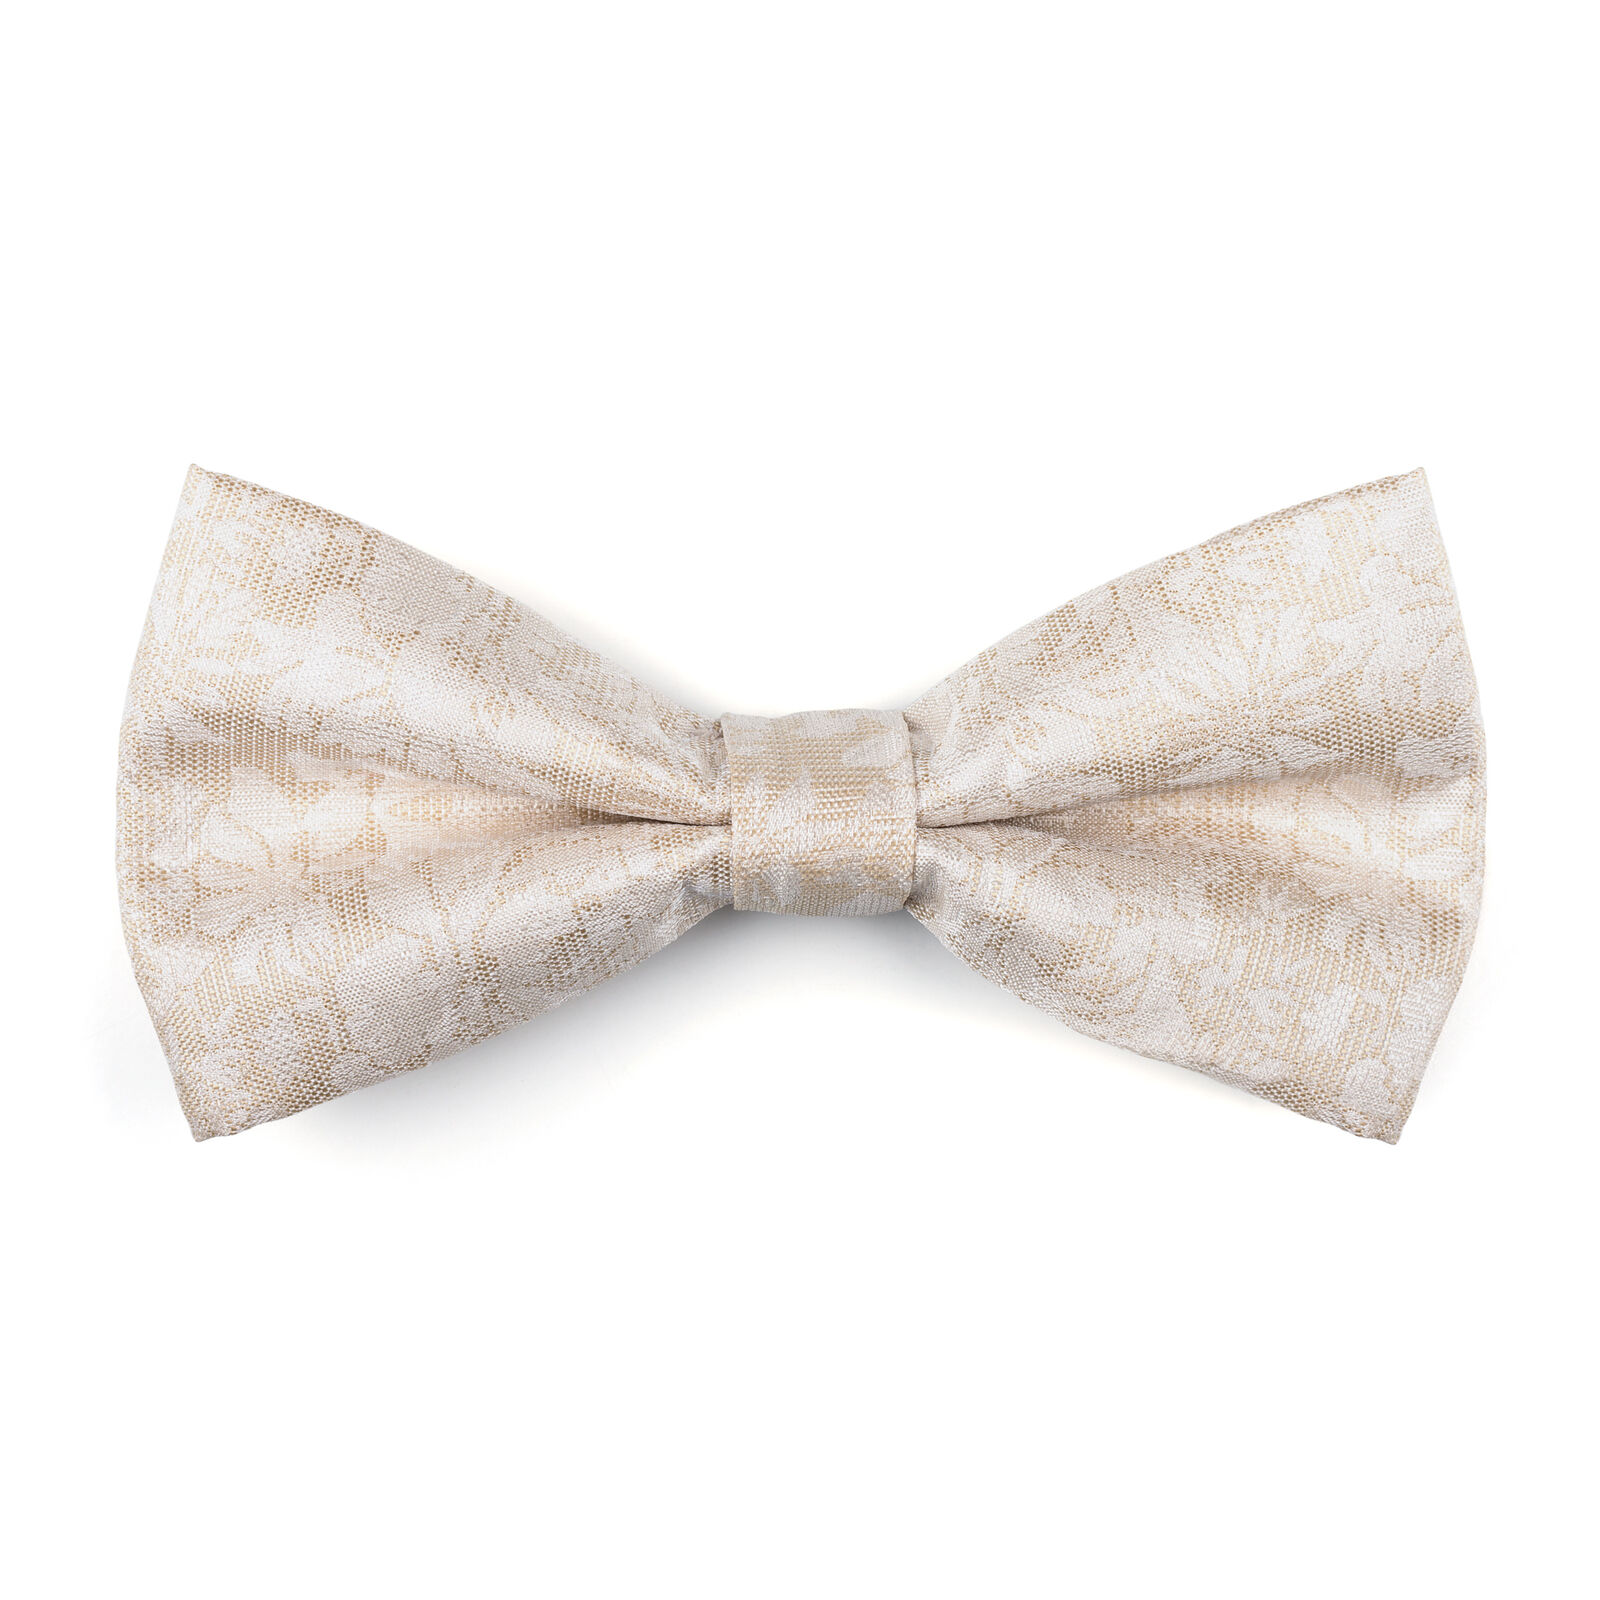 UK Men's Cloud Cream Wedding Bow Tie Floral 6 Button Jacquard Suit Vest Tailored